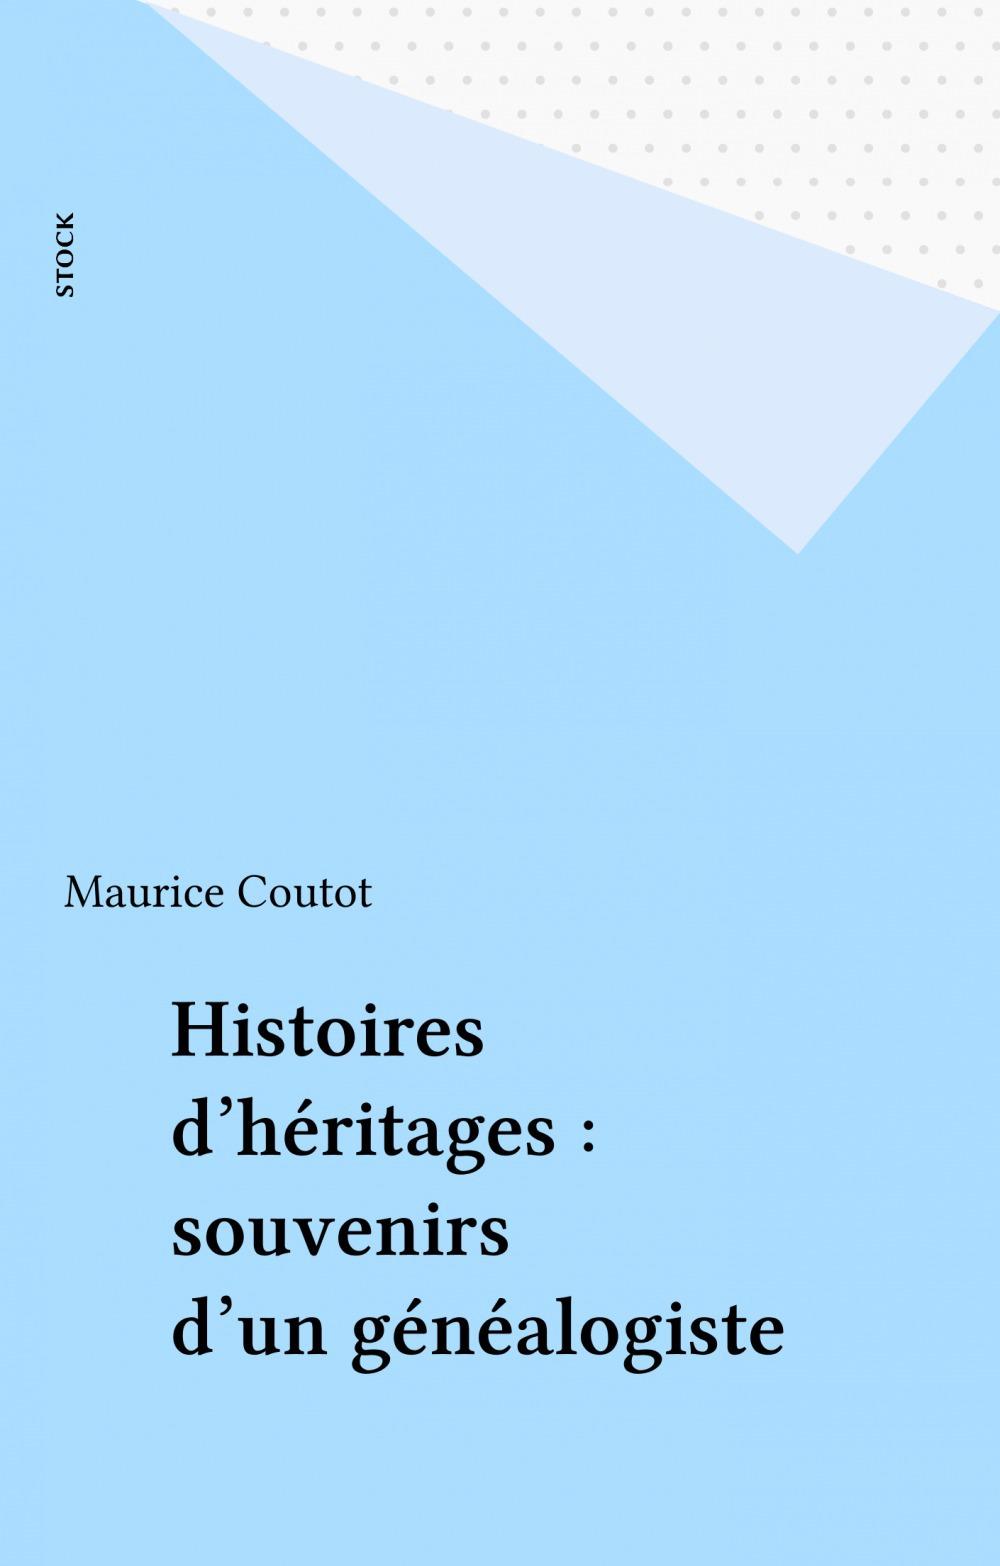 Histoires d'héritages : souvenirs d'un généalogiste  - Maurice Coutot